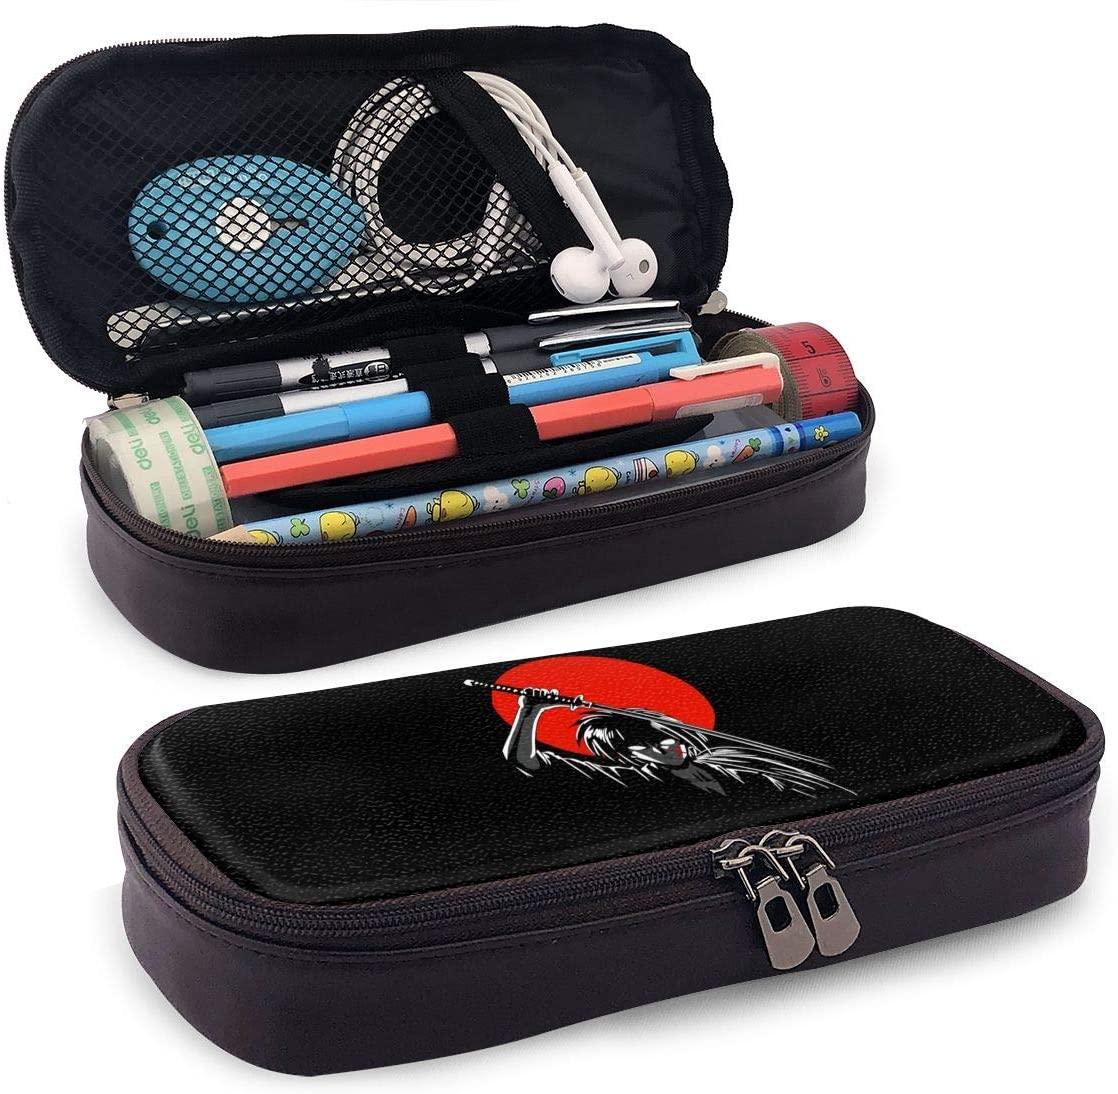 Rurouni Kenshin Teenager Pencil Bag, Small Tool Bag, Cosmetic Bag, Multi-Purpose Bag